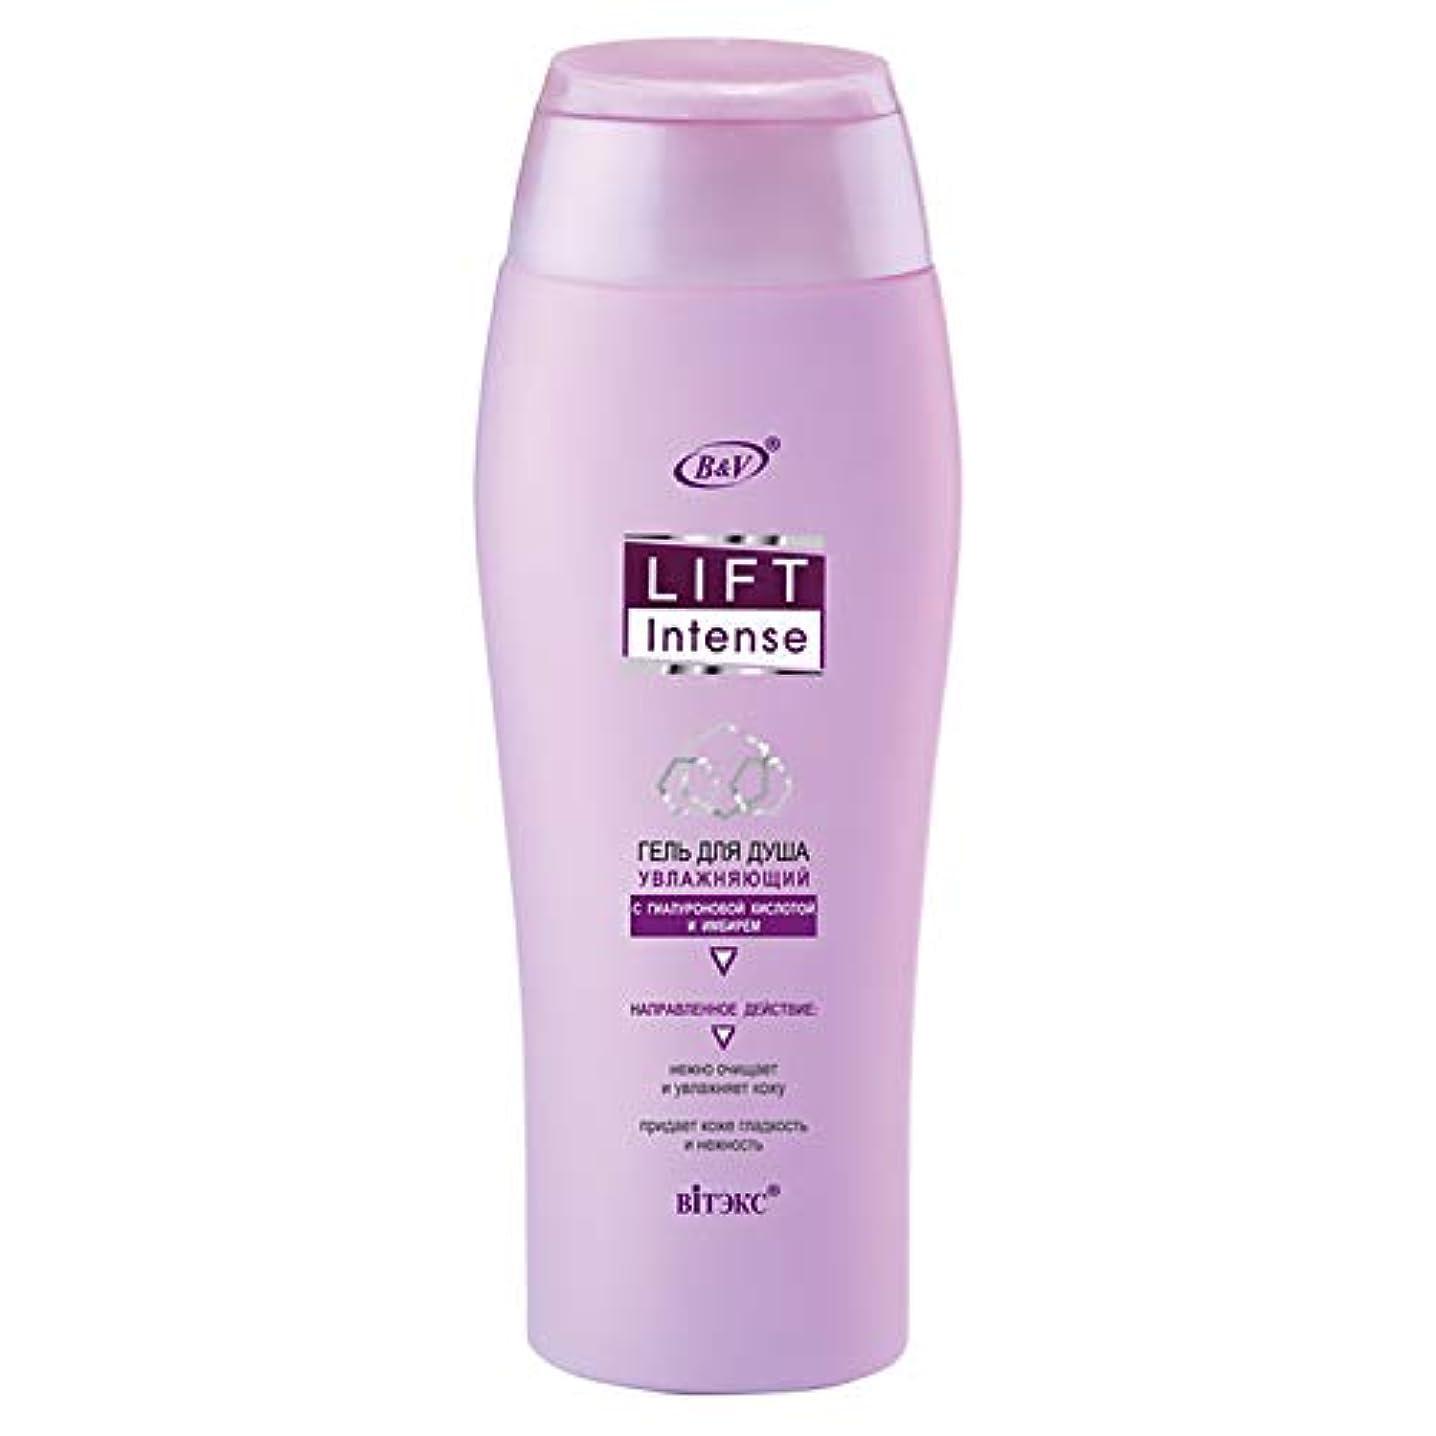 理容室彼ら飲料Bielita & Vitex | LIFT INTENSE | Hydrating Shower Gel with hyaluronic acid and ginger (300 ml)